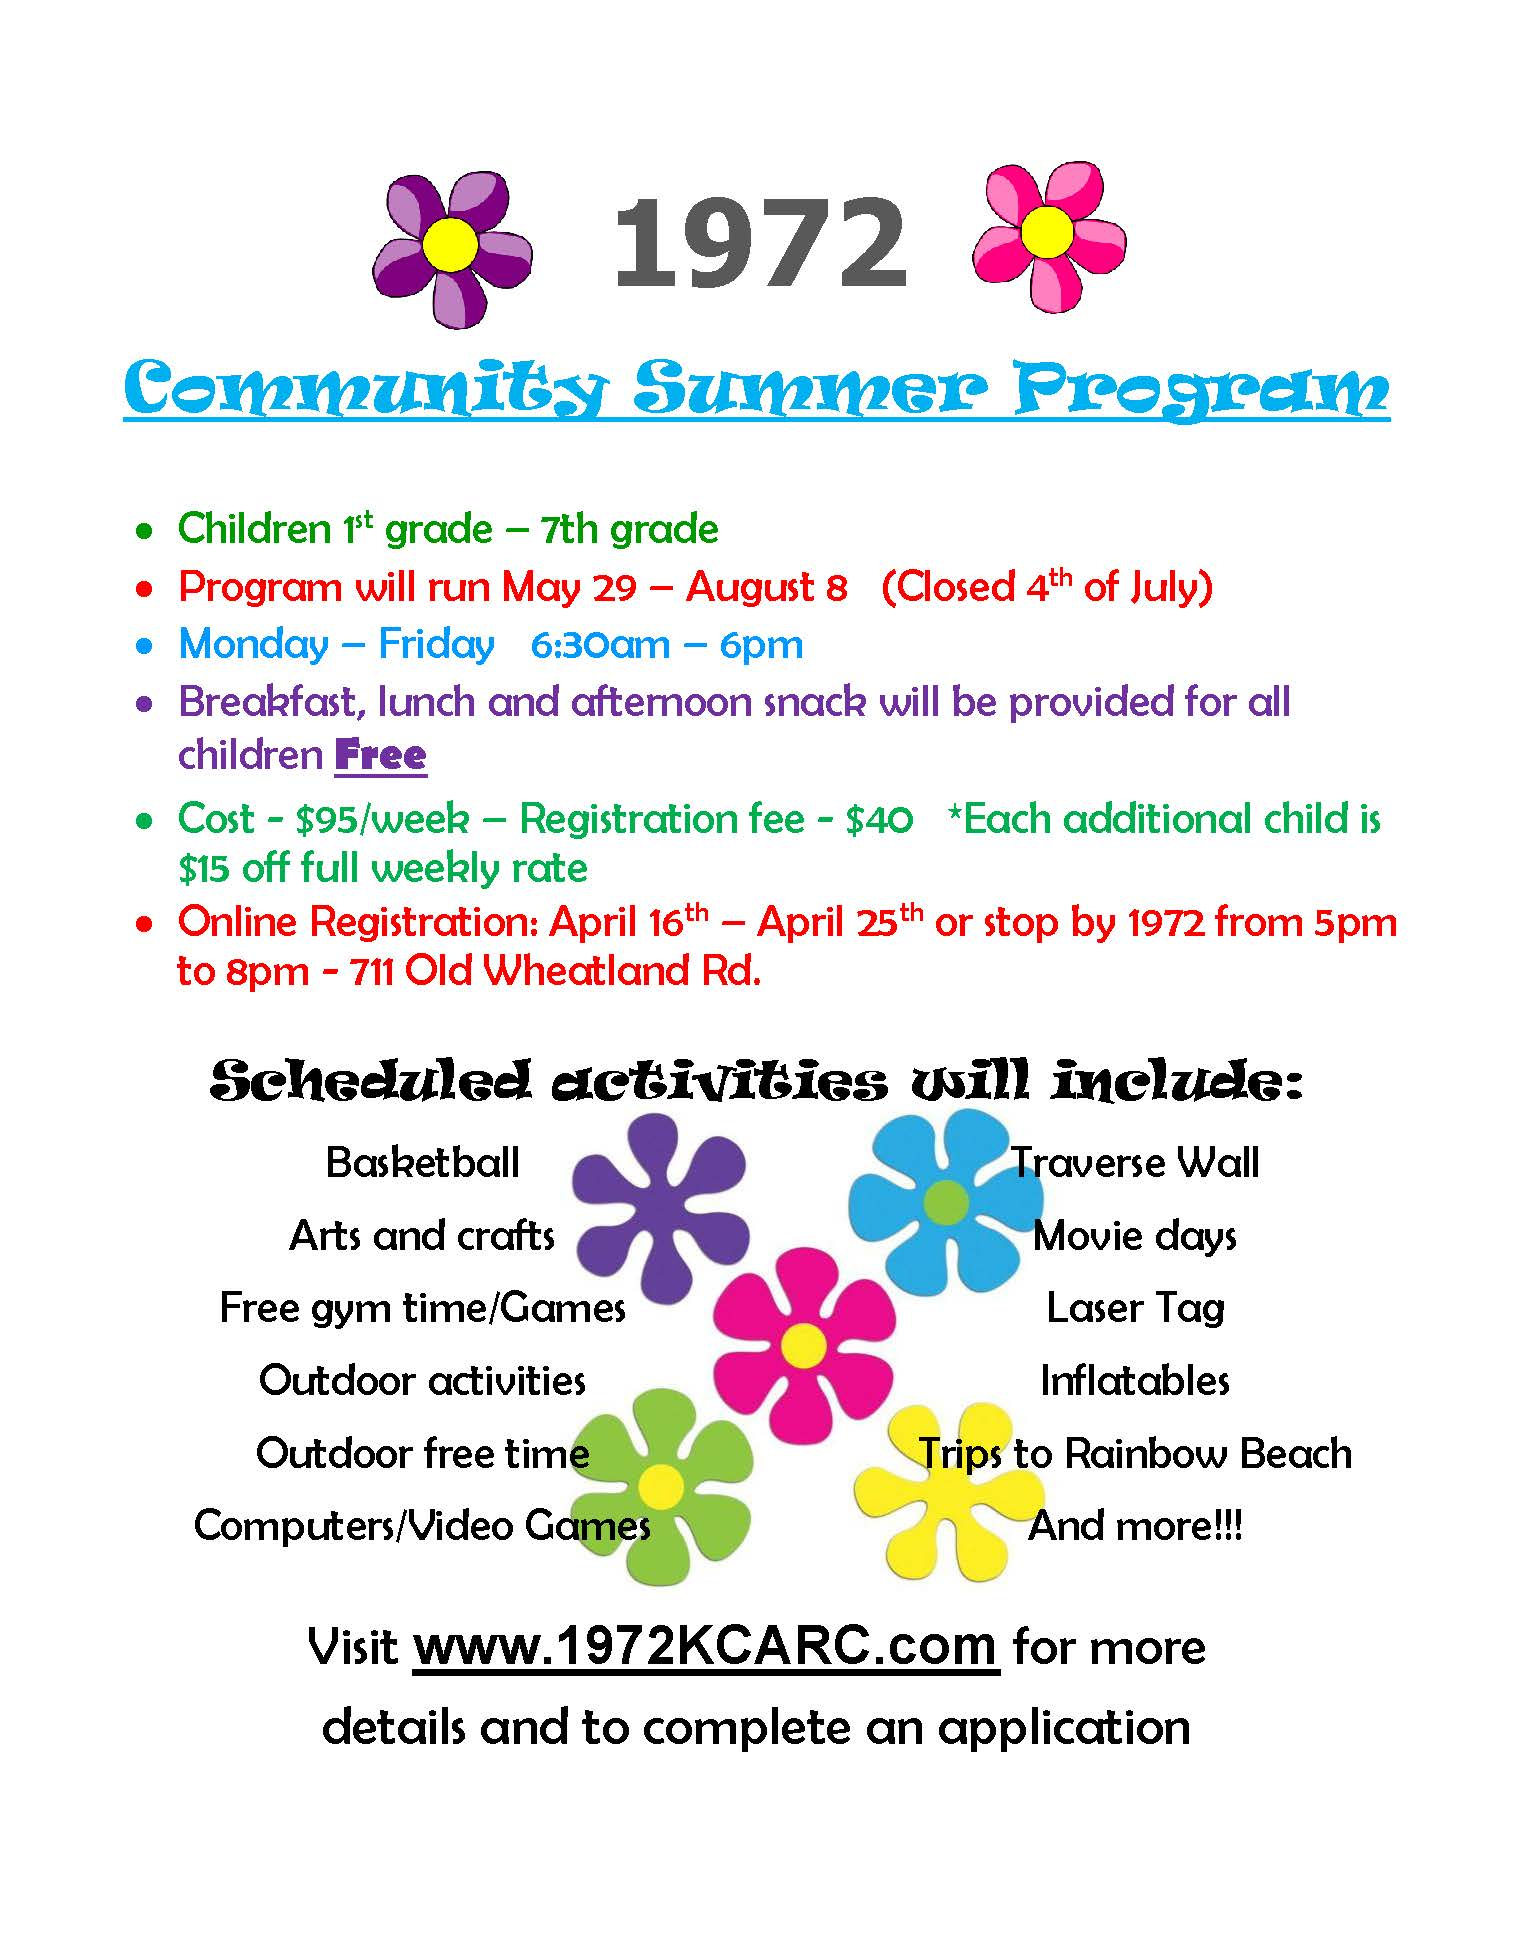 1972 Summer Program flier.jpg